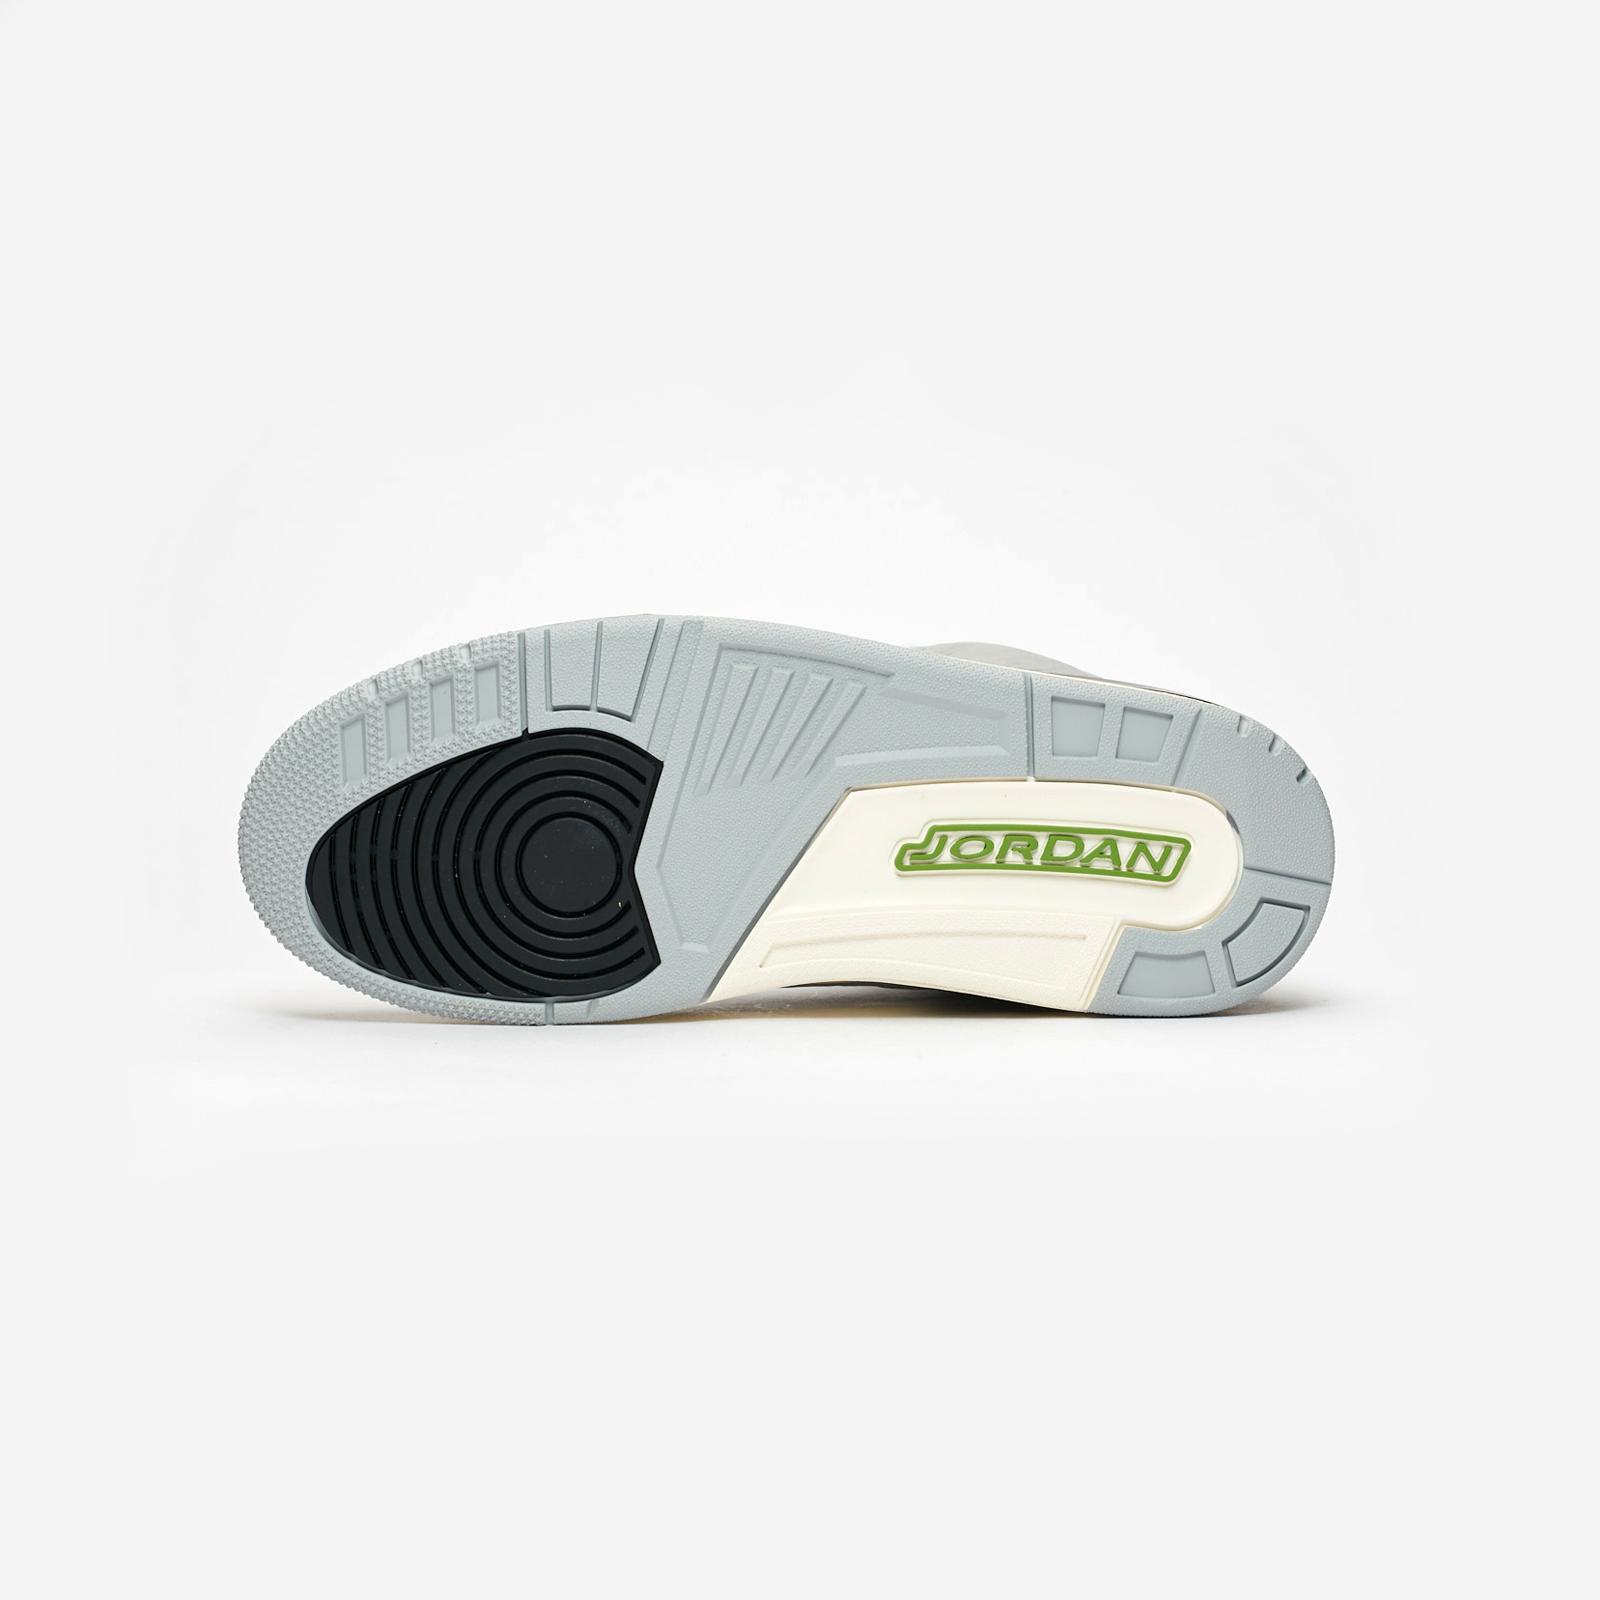 e9ca8b1d0670b1 Jordan Brand Air Jordan 3 Retro - 136064-006 - Sneakersnstuff ...